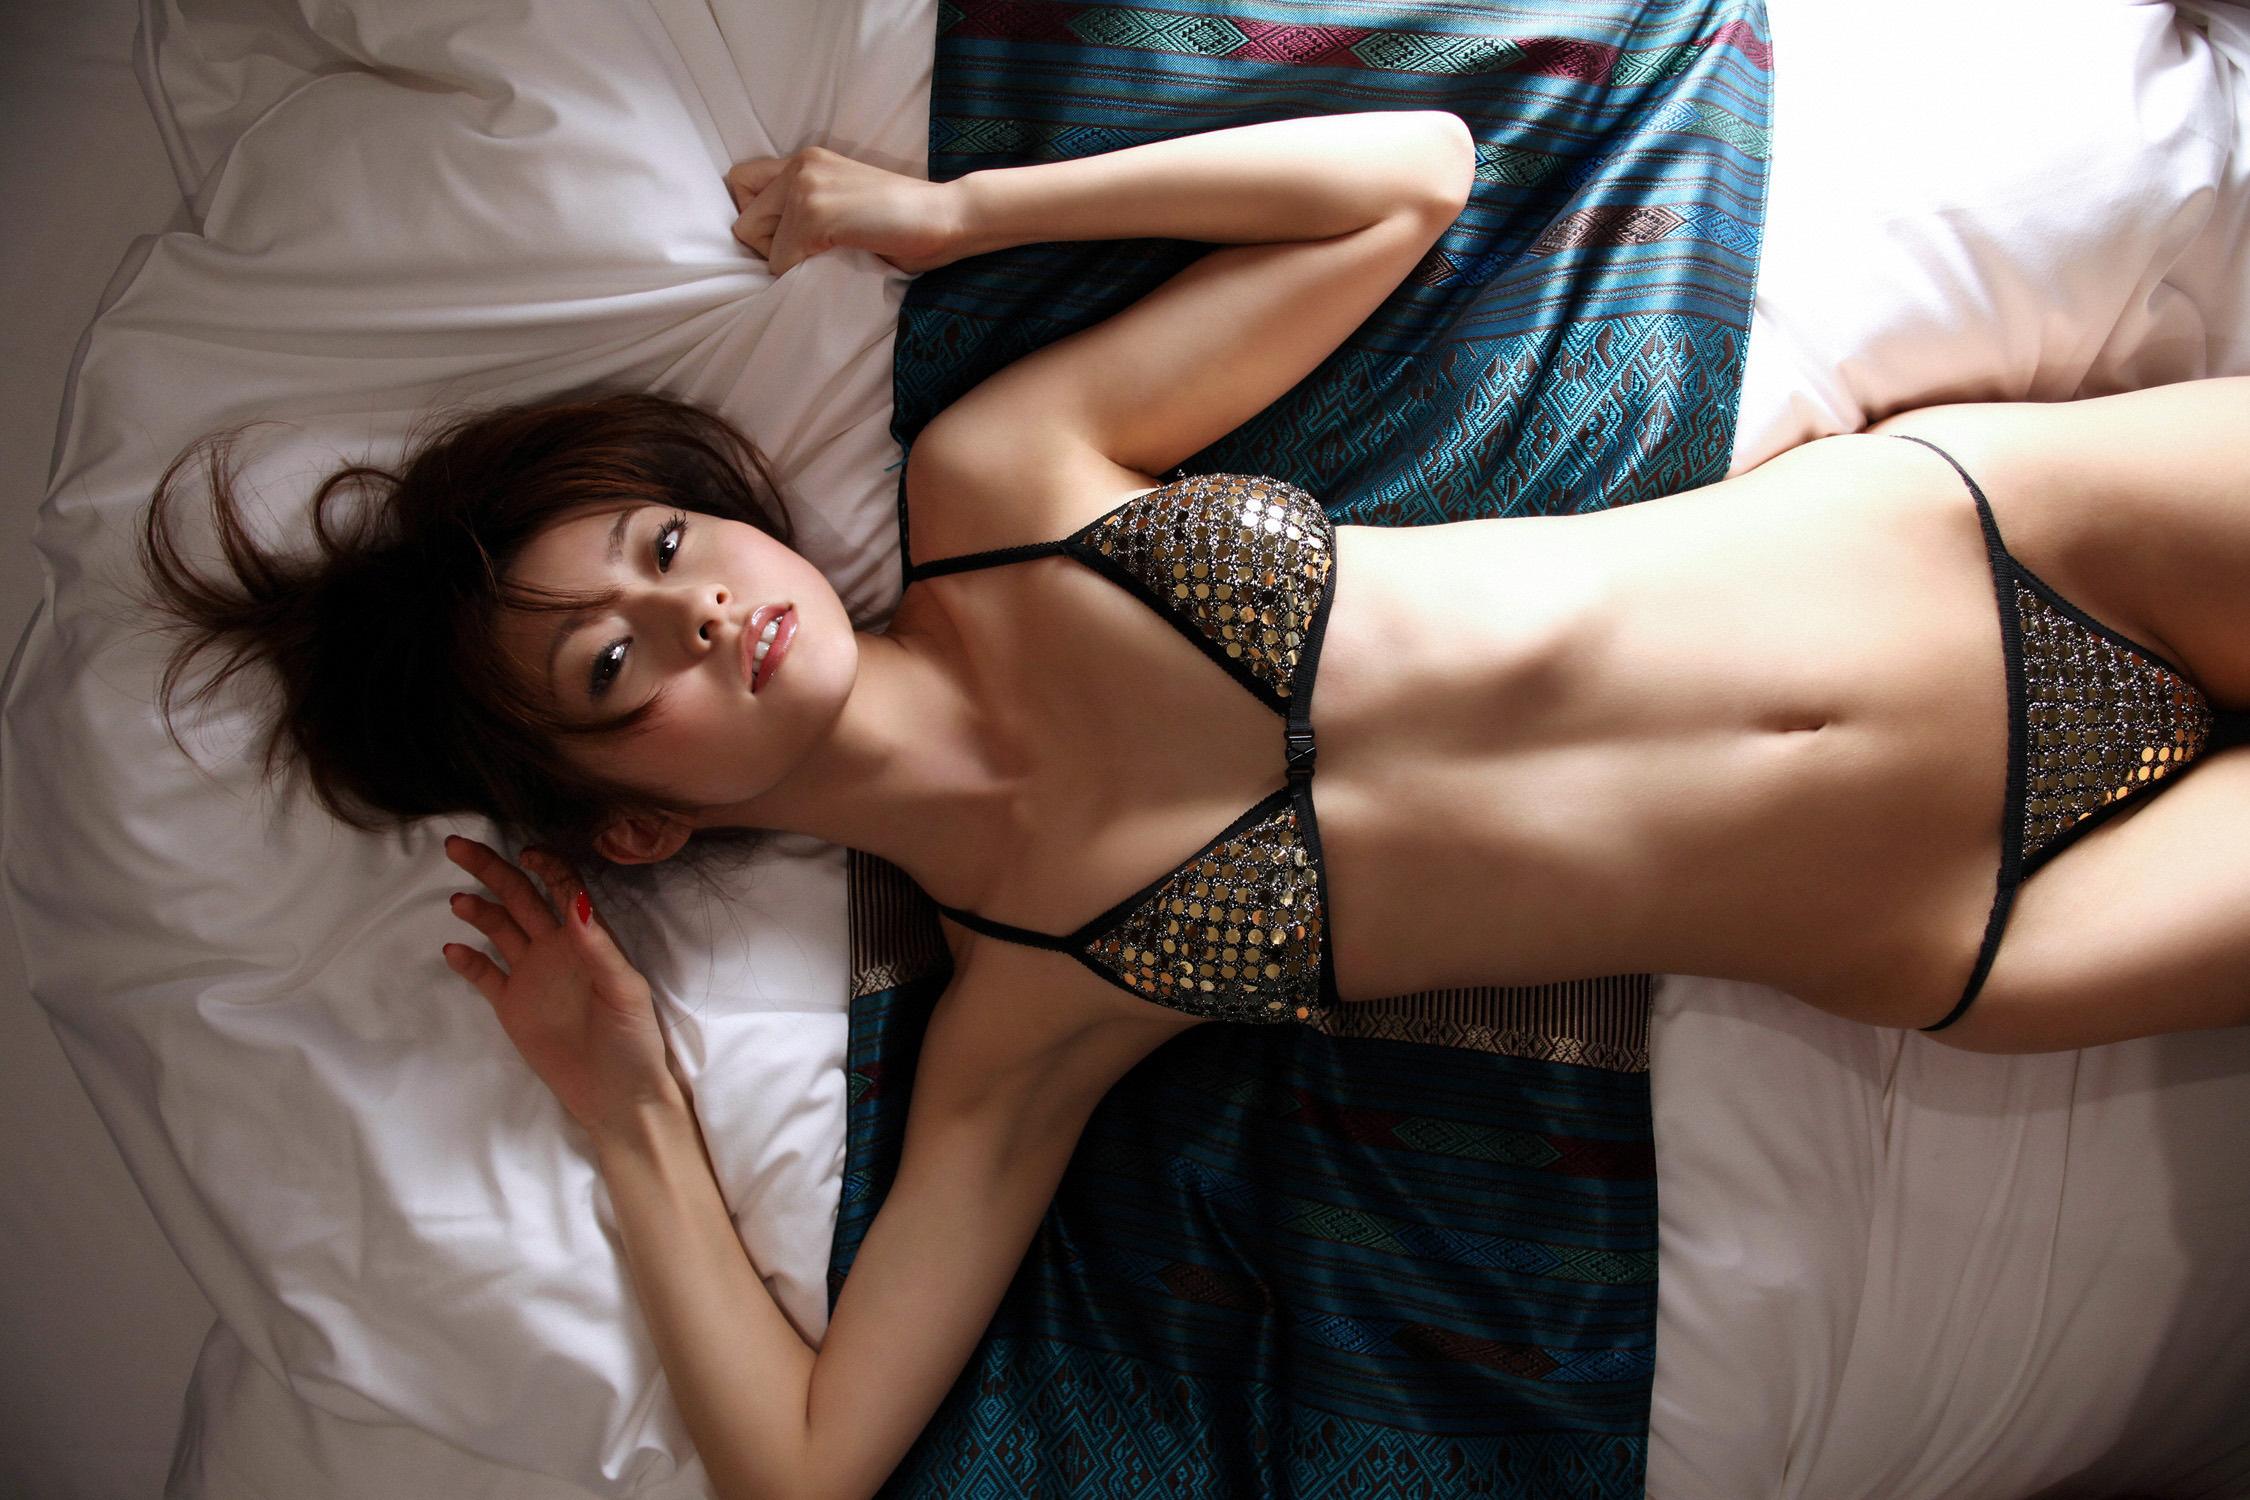 Японка в ночнушке порно 6 фотография